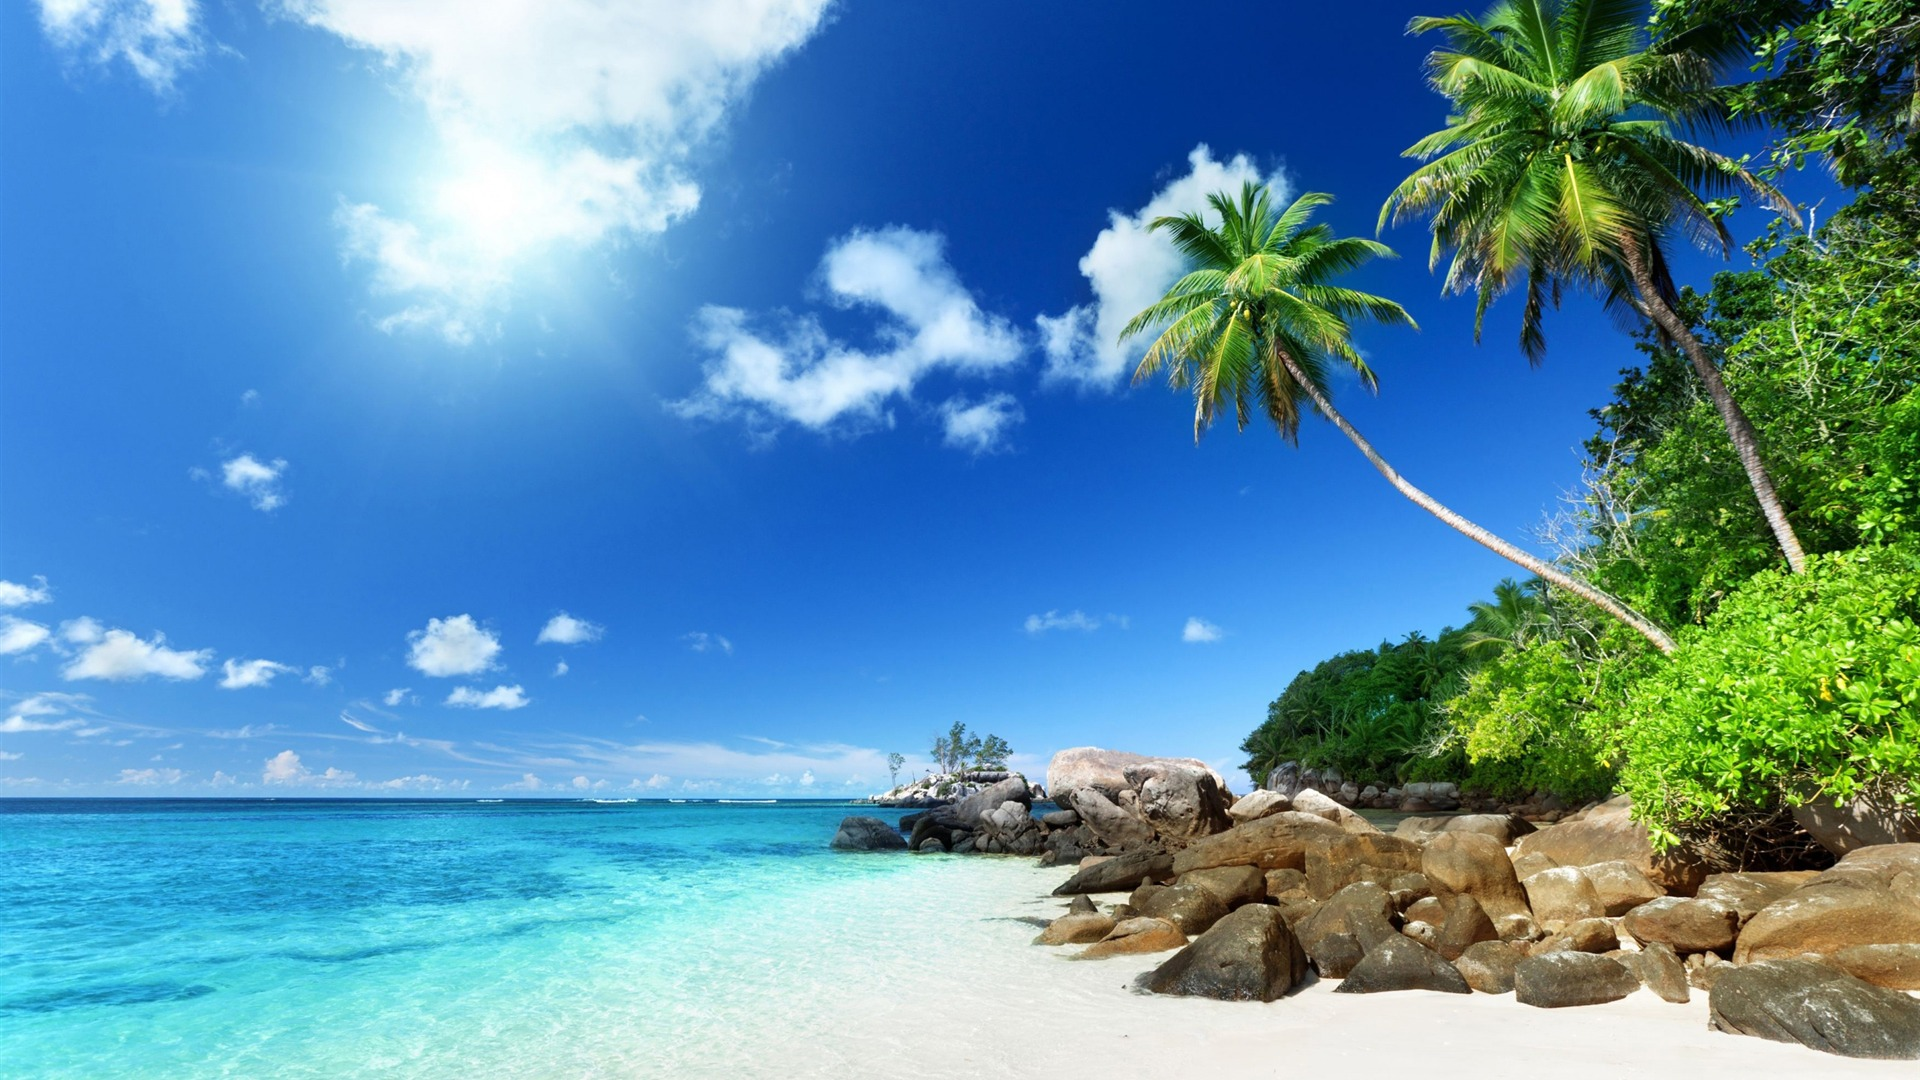 Palm arbres plage paradisiaque paysage d 39 t hd fond d for Fond ecran ete hd